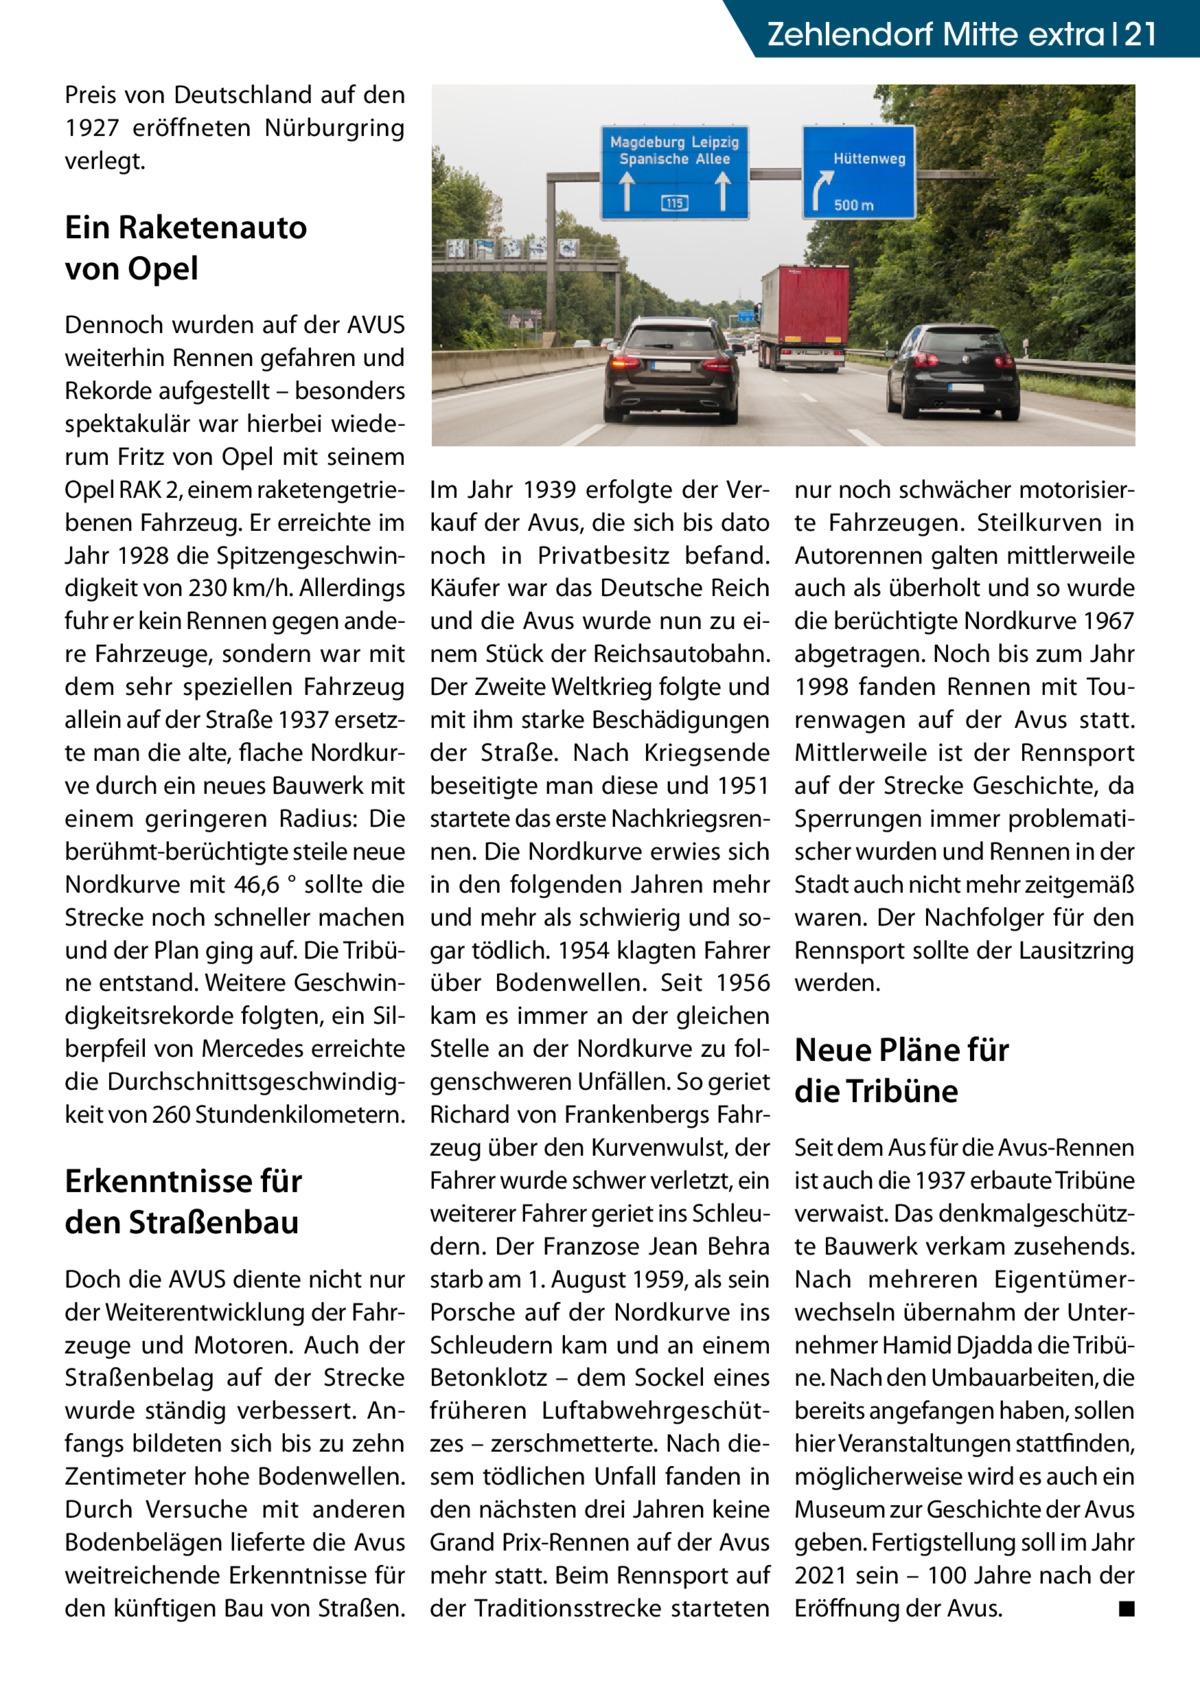 Zehlendorf Mitte Ratgeber extra 21 Preis von Deutschland auf den 1927 eröffneten Nürburgring verlegt.  Ein Raketenauto von Opel Dennoch wurden auf der AVUS weiterhin Rennen gefahren und Rekorde aufgestellt – besonders spektakulär war hierbei wiederum Fritz von Opel mit seinem Opel RAK 2, einem raketengetriebenen Fahrzeug. Er erreichte im Jahr 1928 die Spitzengeschwindigkeit von 230km/h. Allerdings fuhr er kein Rennen gegen andere Fahrzeuge, sondern war mit dem sehr speziellen Fahrzeug allein auf der Straße1937 ersetzte man die alte, flache Nordkurve durch ein neues Bauwerk mit einem geringeren Radius: Die berühmt-berüchtigte steile neue Nordkurve mit 46,6 ° sollte die Strecke noch schneller machen und der Plan ging auf. Die Tribüne entstand. Weitere Geschwindigkeitsrekorde folgten, ein Silberpfeil von Mercedes erreichte die Durchschnittsgeschwindigkeit von 260Stundenkilometern.  Erkenntnisse für den Straßenbau Doch die AVUS diente nicht nur der Weiterentwicklung der Fahrzeuge und Motoren. Auch der Straßenbelag auf der Strecke wurde ständig verbessert. Anfangs bildeten sich bis zu zehn Zentimeter hohe Bodenwellen. Durch Versuche mit anderen Bodenbelägen lieferte die Avus weitreichende Erkenntnisse für den künftigen Bau von Straßen.  Im Jahr 1939 erfolgte der Verkauf der Avus, die sich bis dato noch in Privatbesitz befand. Käufer war das Deutsche Reich und die Avus wurde nun zu einem Stück der Reichsautobahn. Der Zweite Weltkrieg folgte und mit ihm starke Beschädigungen der Straße. Nach Kriegsende beseitigte man diese und 1951 startete das erste Nachkriegsrennen. Die Nordkurve erwies sich in den folgenden Jahren mehr und mehr als schwierig und sogar tödlich. 1954 klagten Fahrer über Bodenwellen. Seit 1956 kam es immer an der gleichen Stelle an der Nordkurve zu folgenschweren Unfällen. So geriet Richard von Frankenbergs Fahrzeug über den Kurvenwulst, der Fahrer wurde schwer verletzt, ein weiterer Fahrer geriet ins Schleudern. Der Franzose Jean Behra starb am 1.August 1